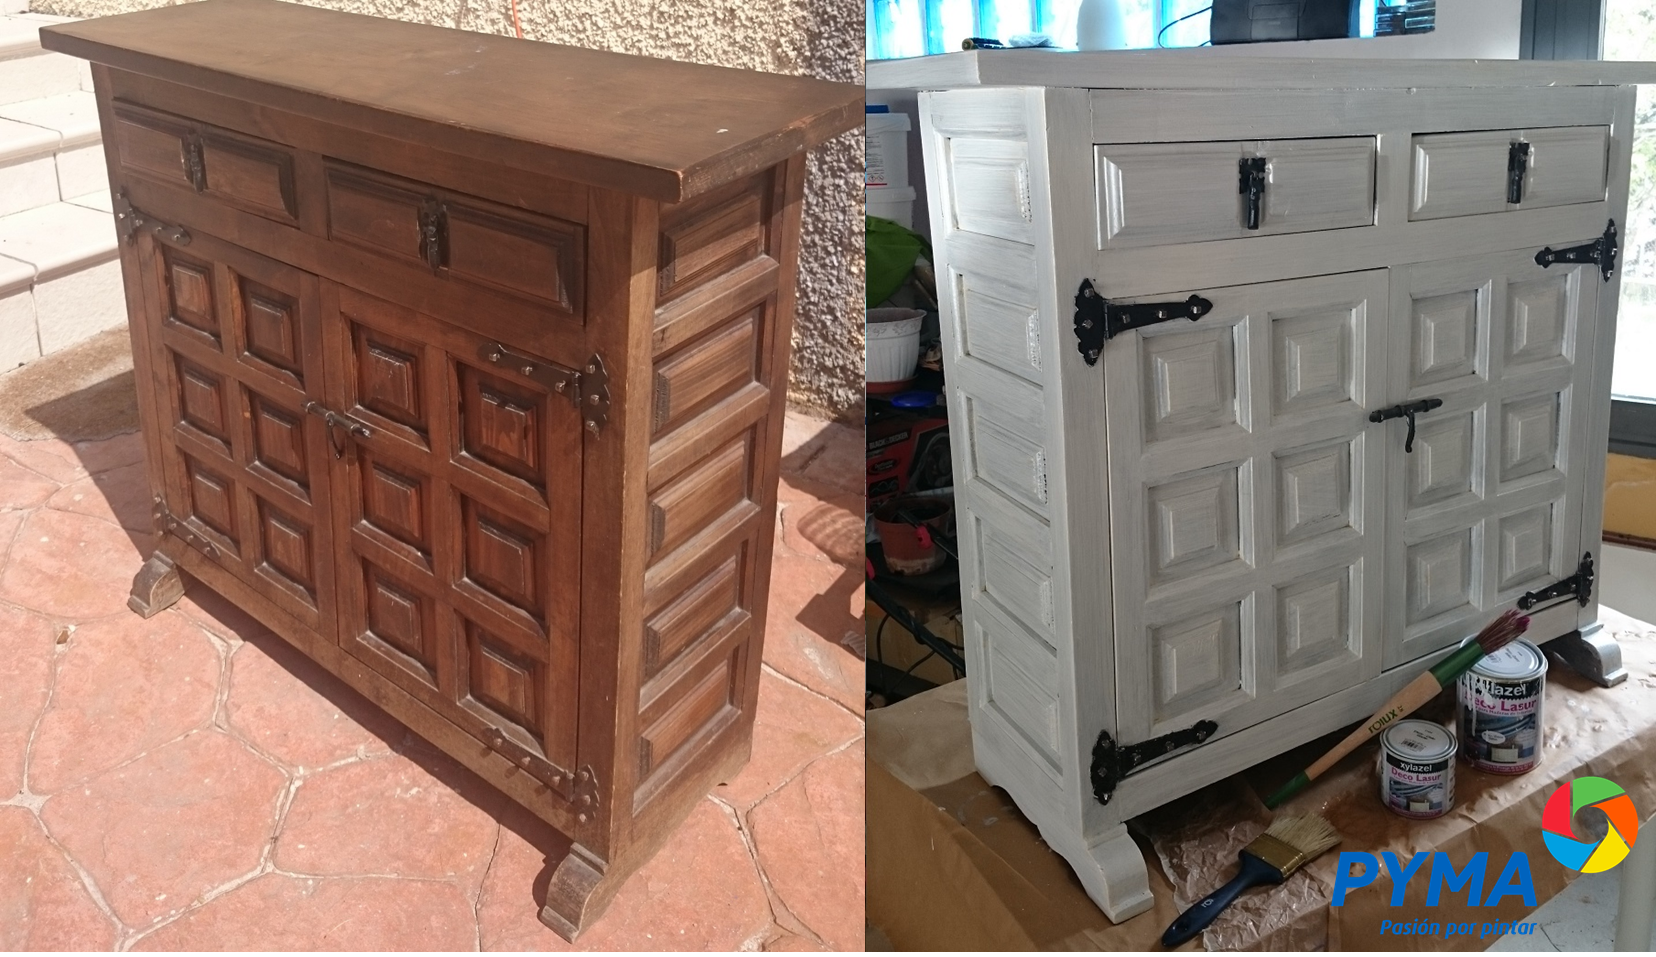 Diy Restaurando Un Mueble De Madera Antiguo # Como Secar Muebles Mojados